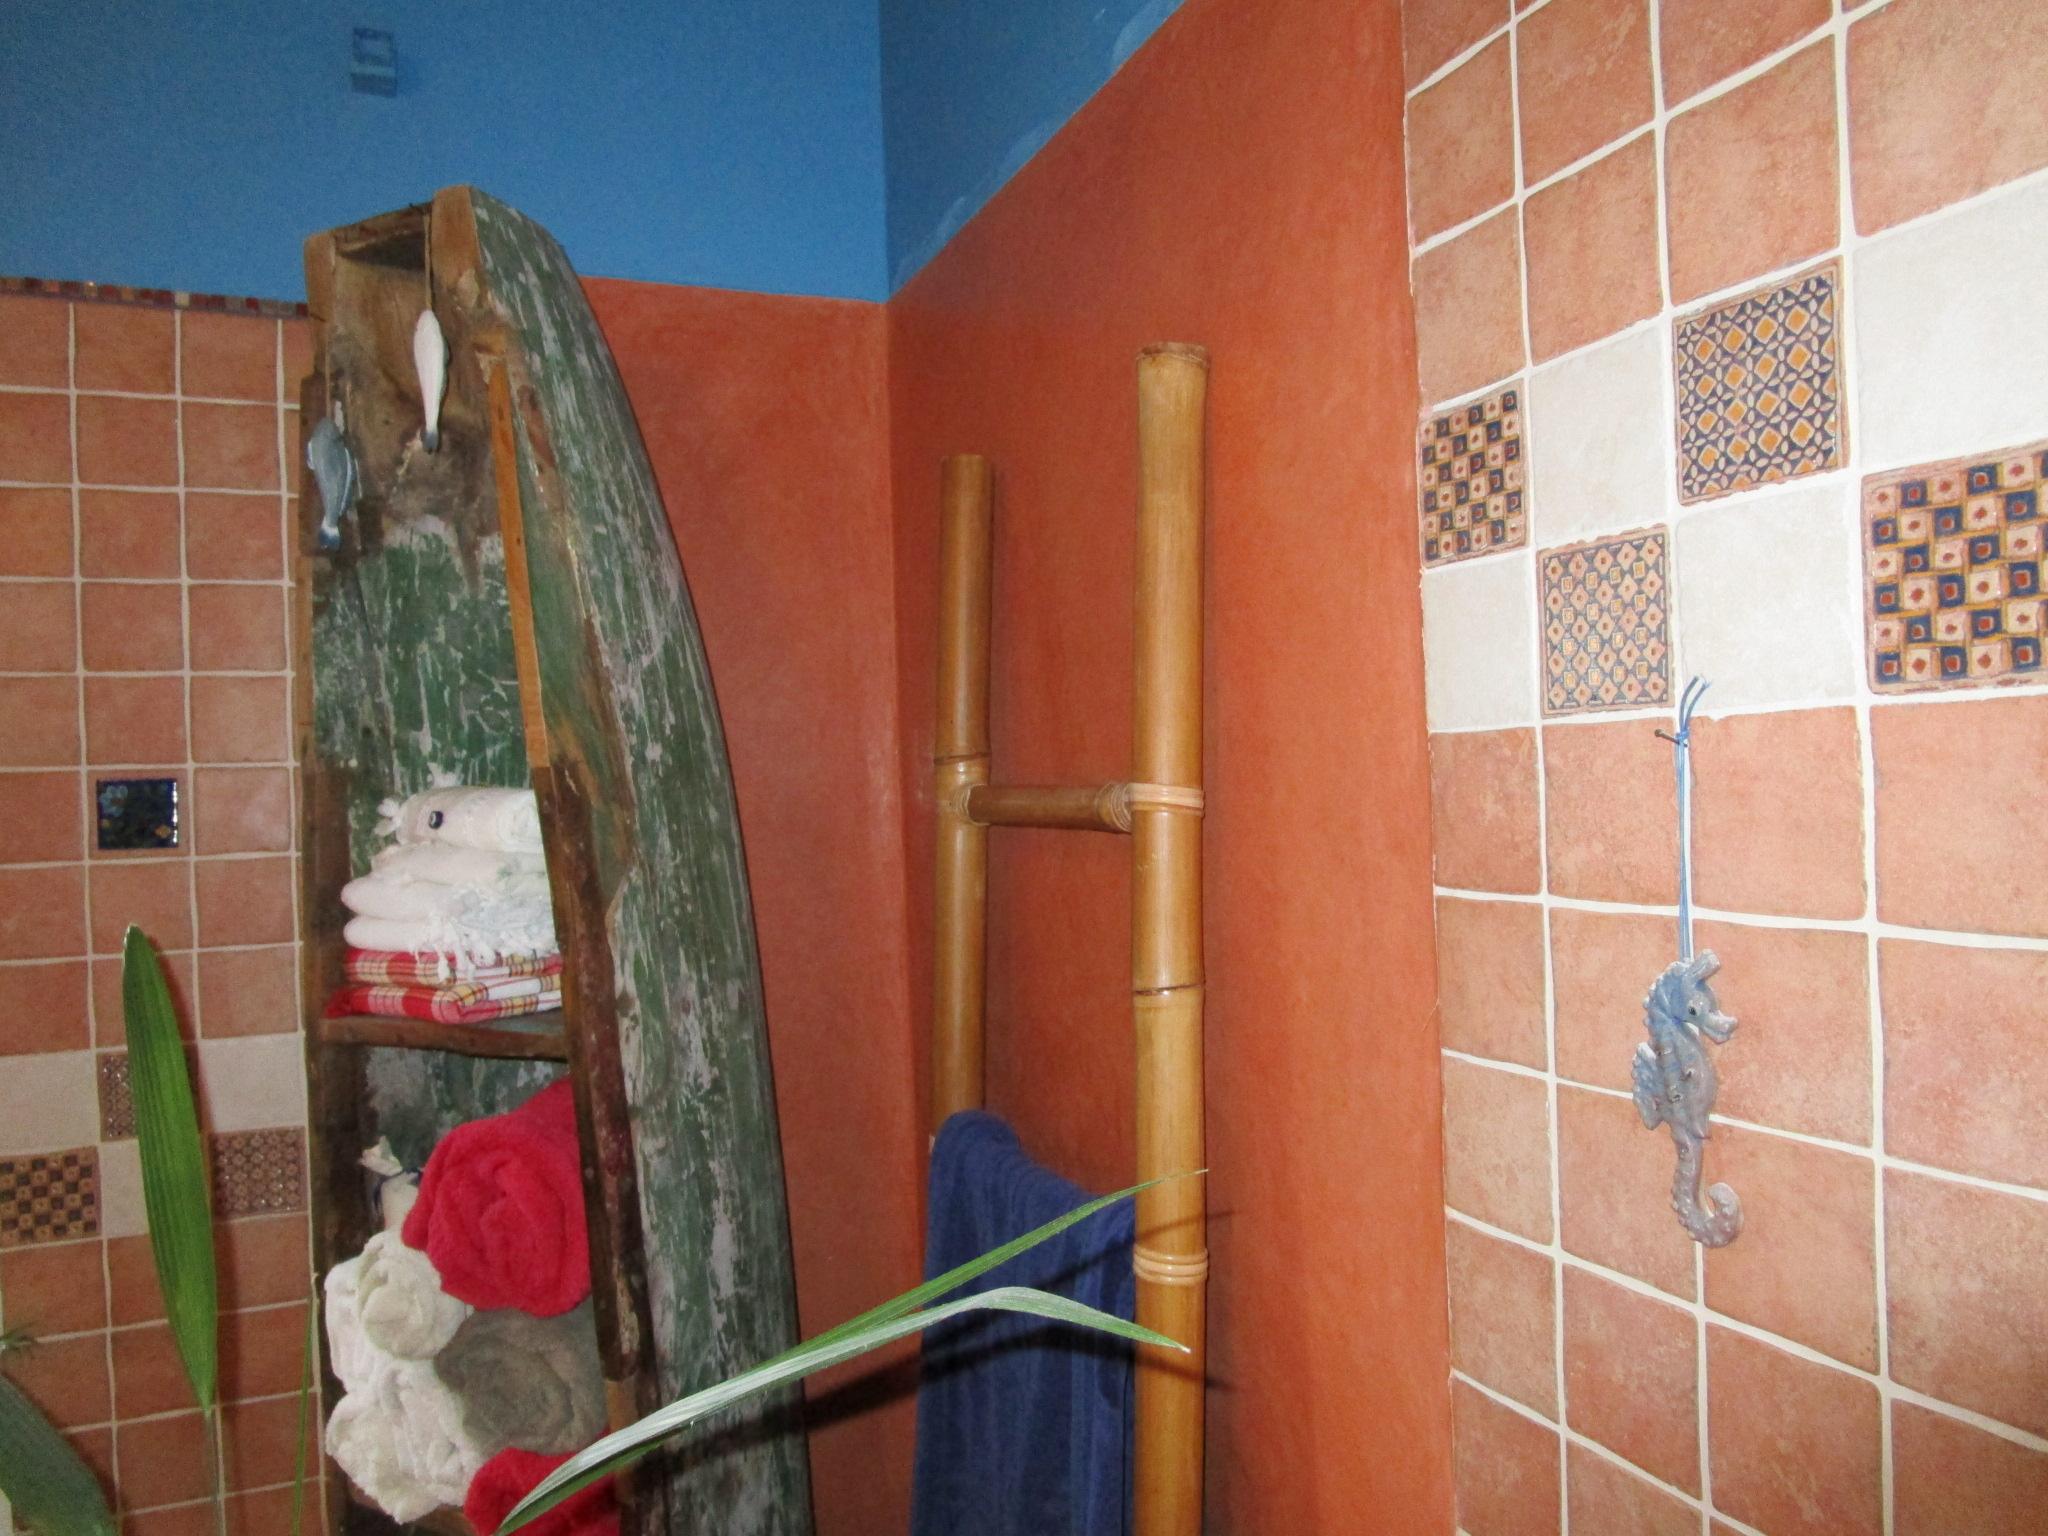 Tadelakt im Bad mit Ethno-Fliesen